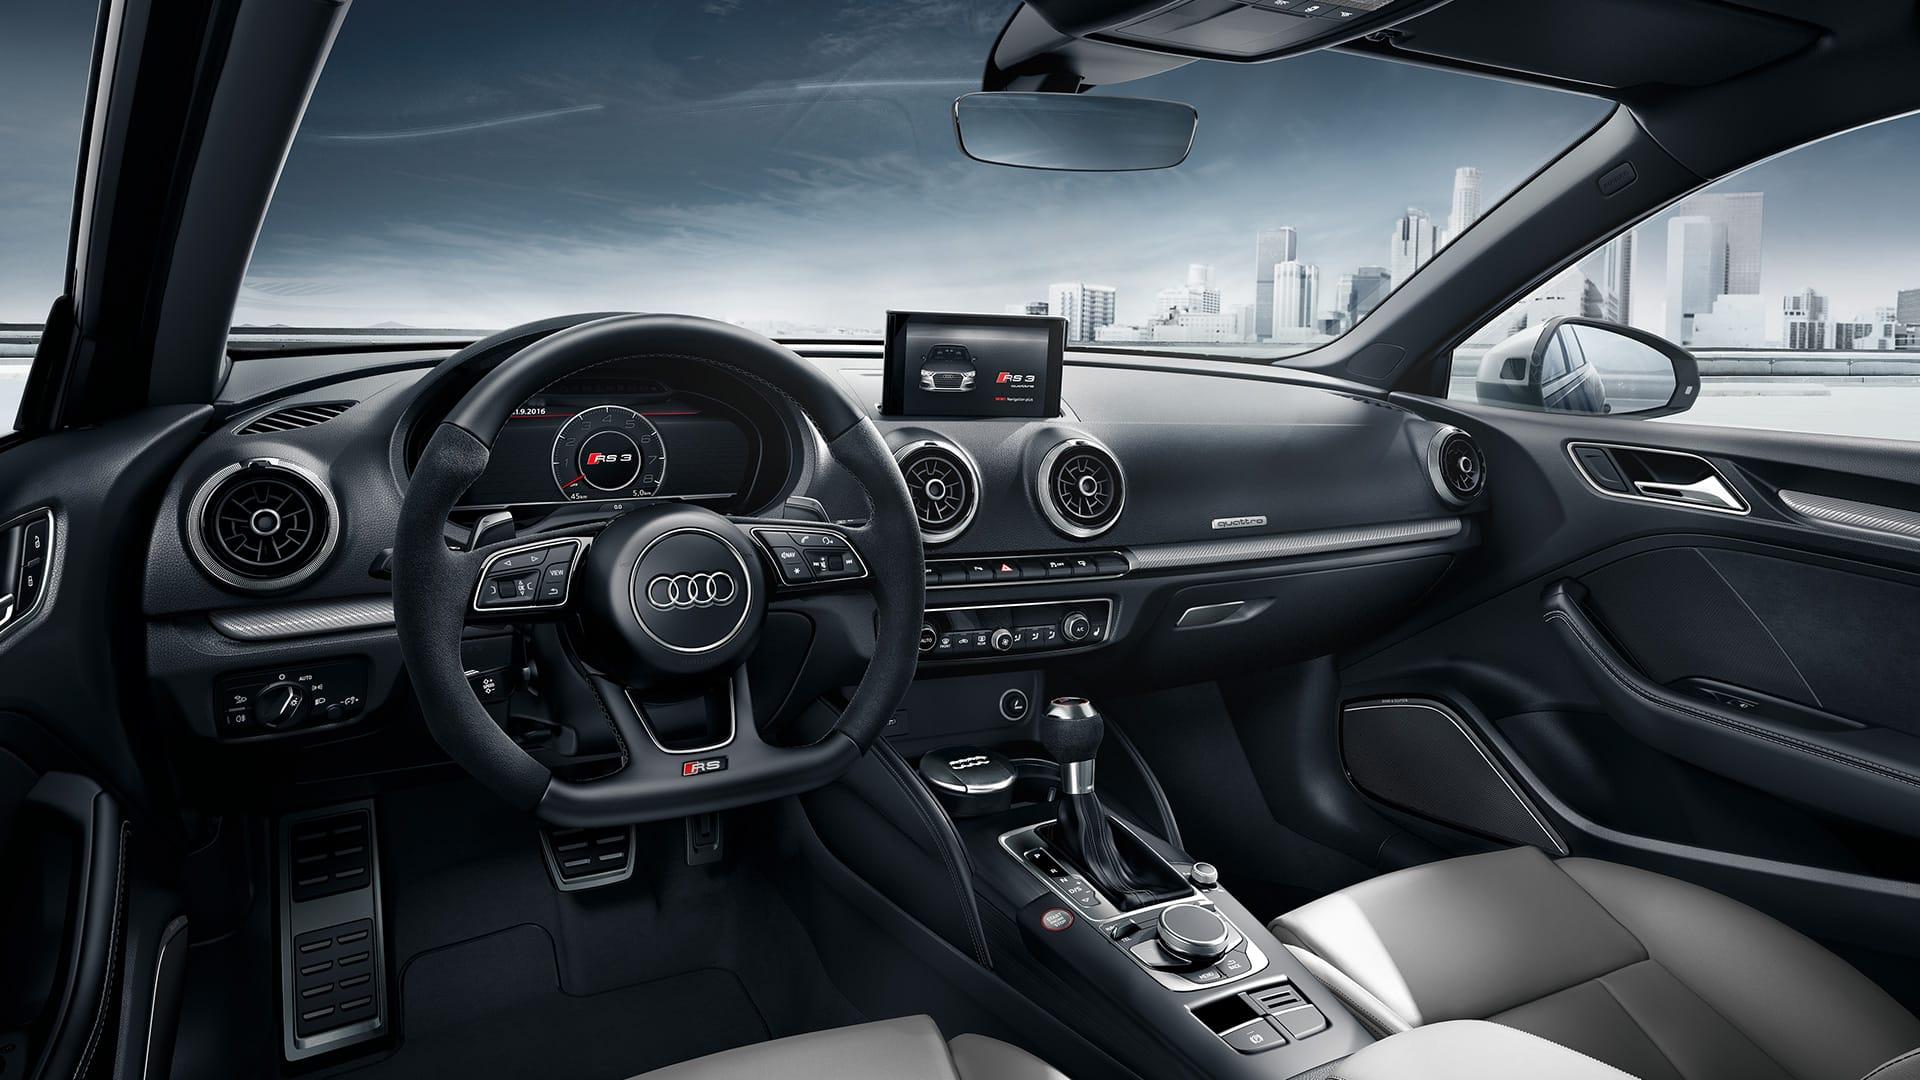 Rs 3 Limousine Gt A3 Gt Audi Polska Przewaga Dzięki Technice